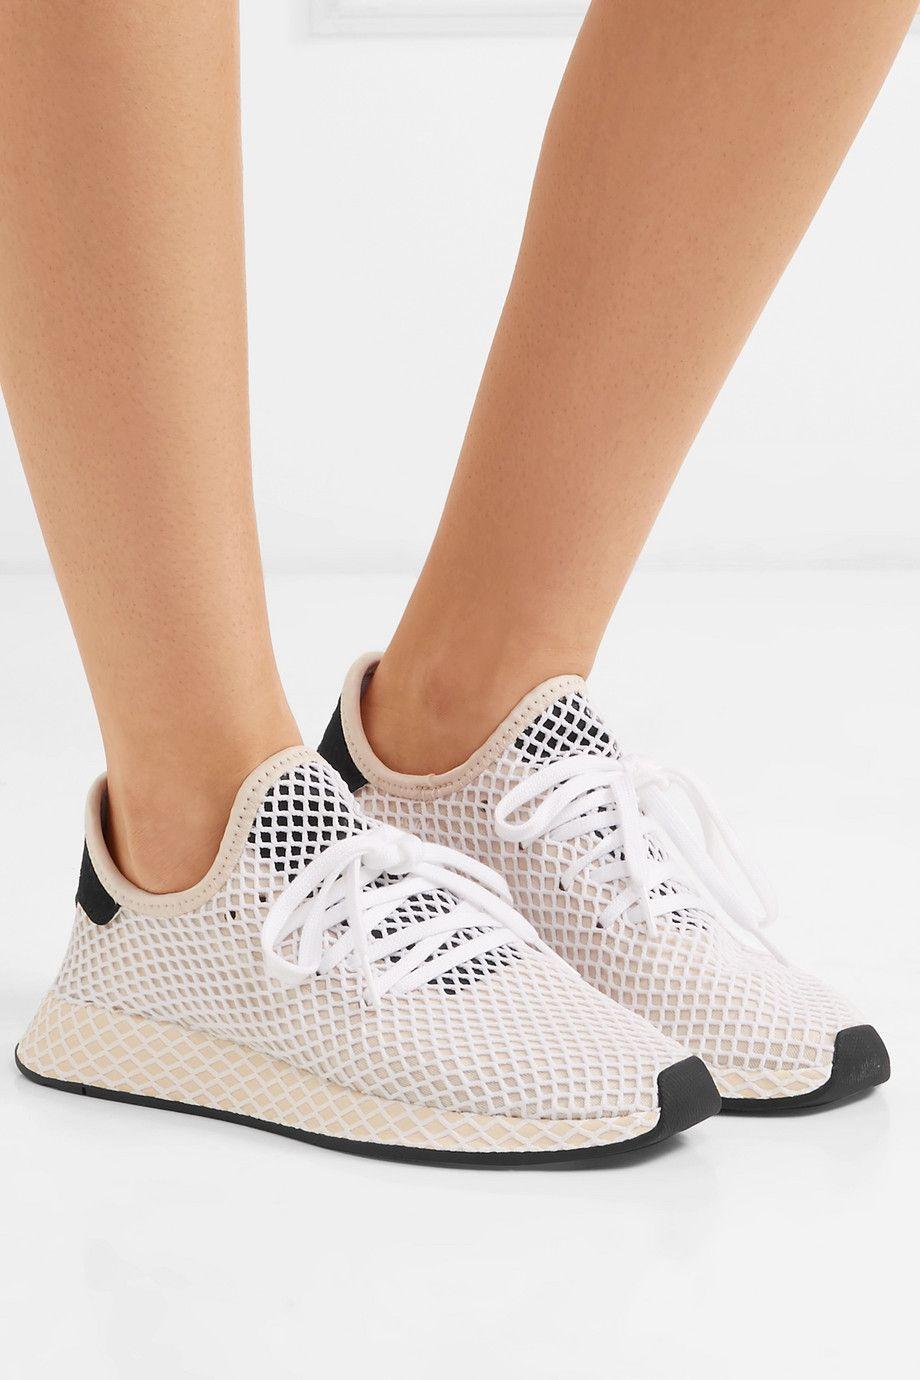 adidas Originals | Deerupt Runner suede-trimmed mesh ...